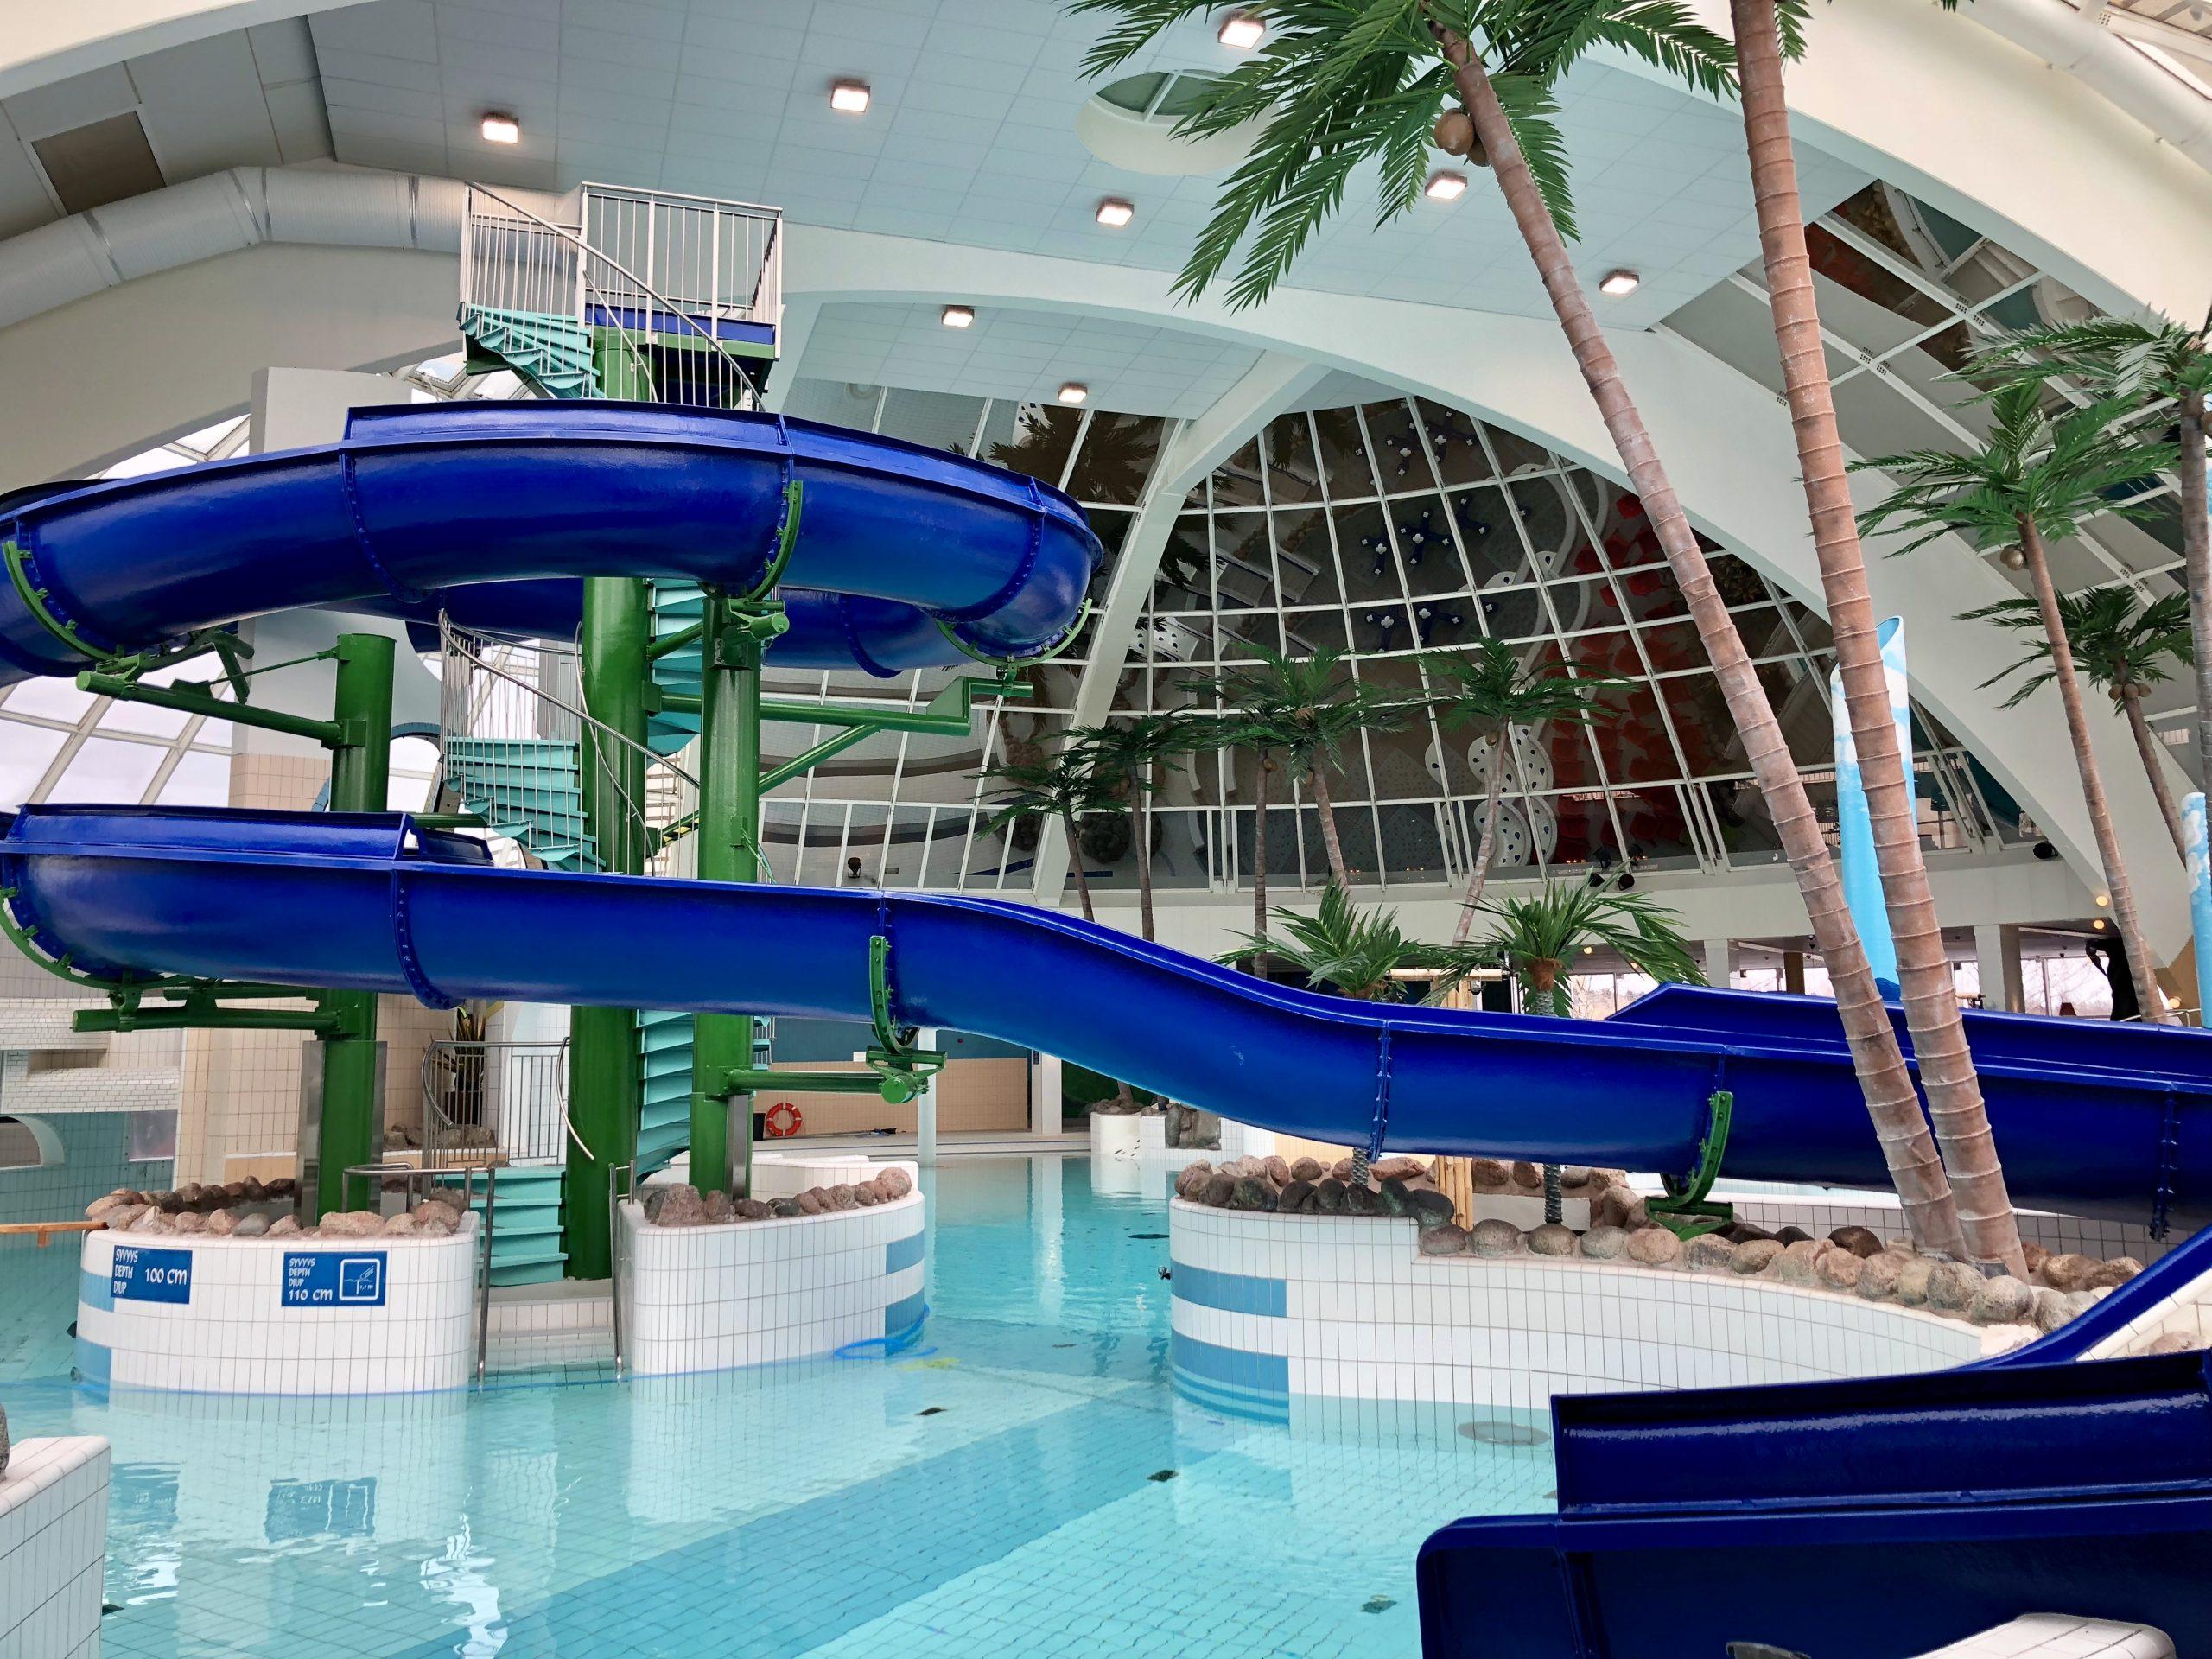 Scandic Eden Nokian allasalue, jossa on useita uima- ja porealtaita sekä iso vesiliukumäki.